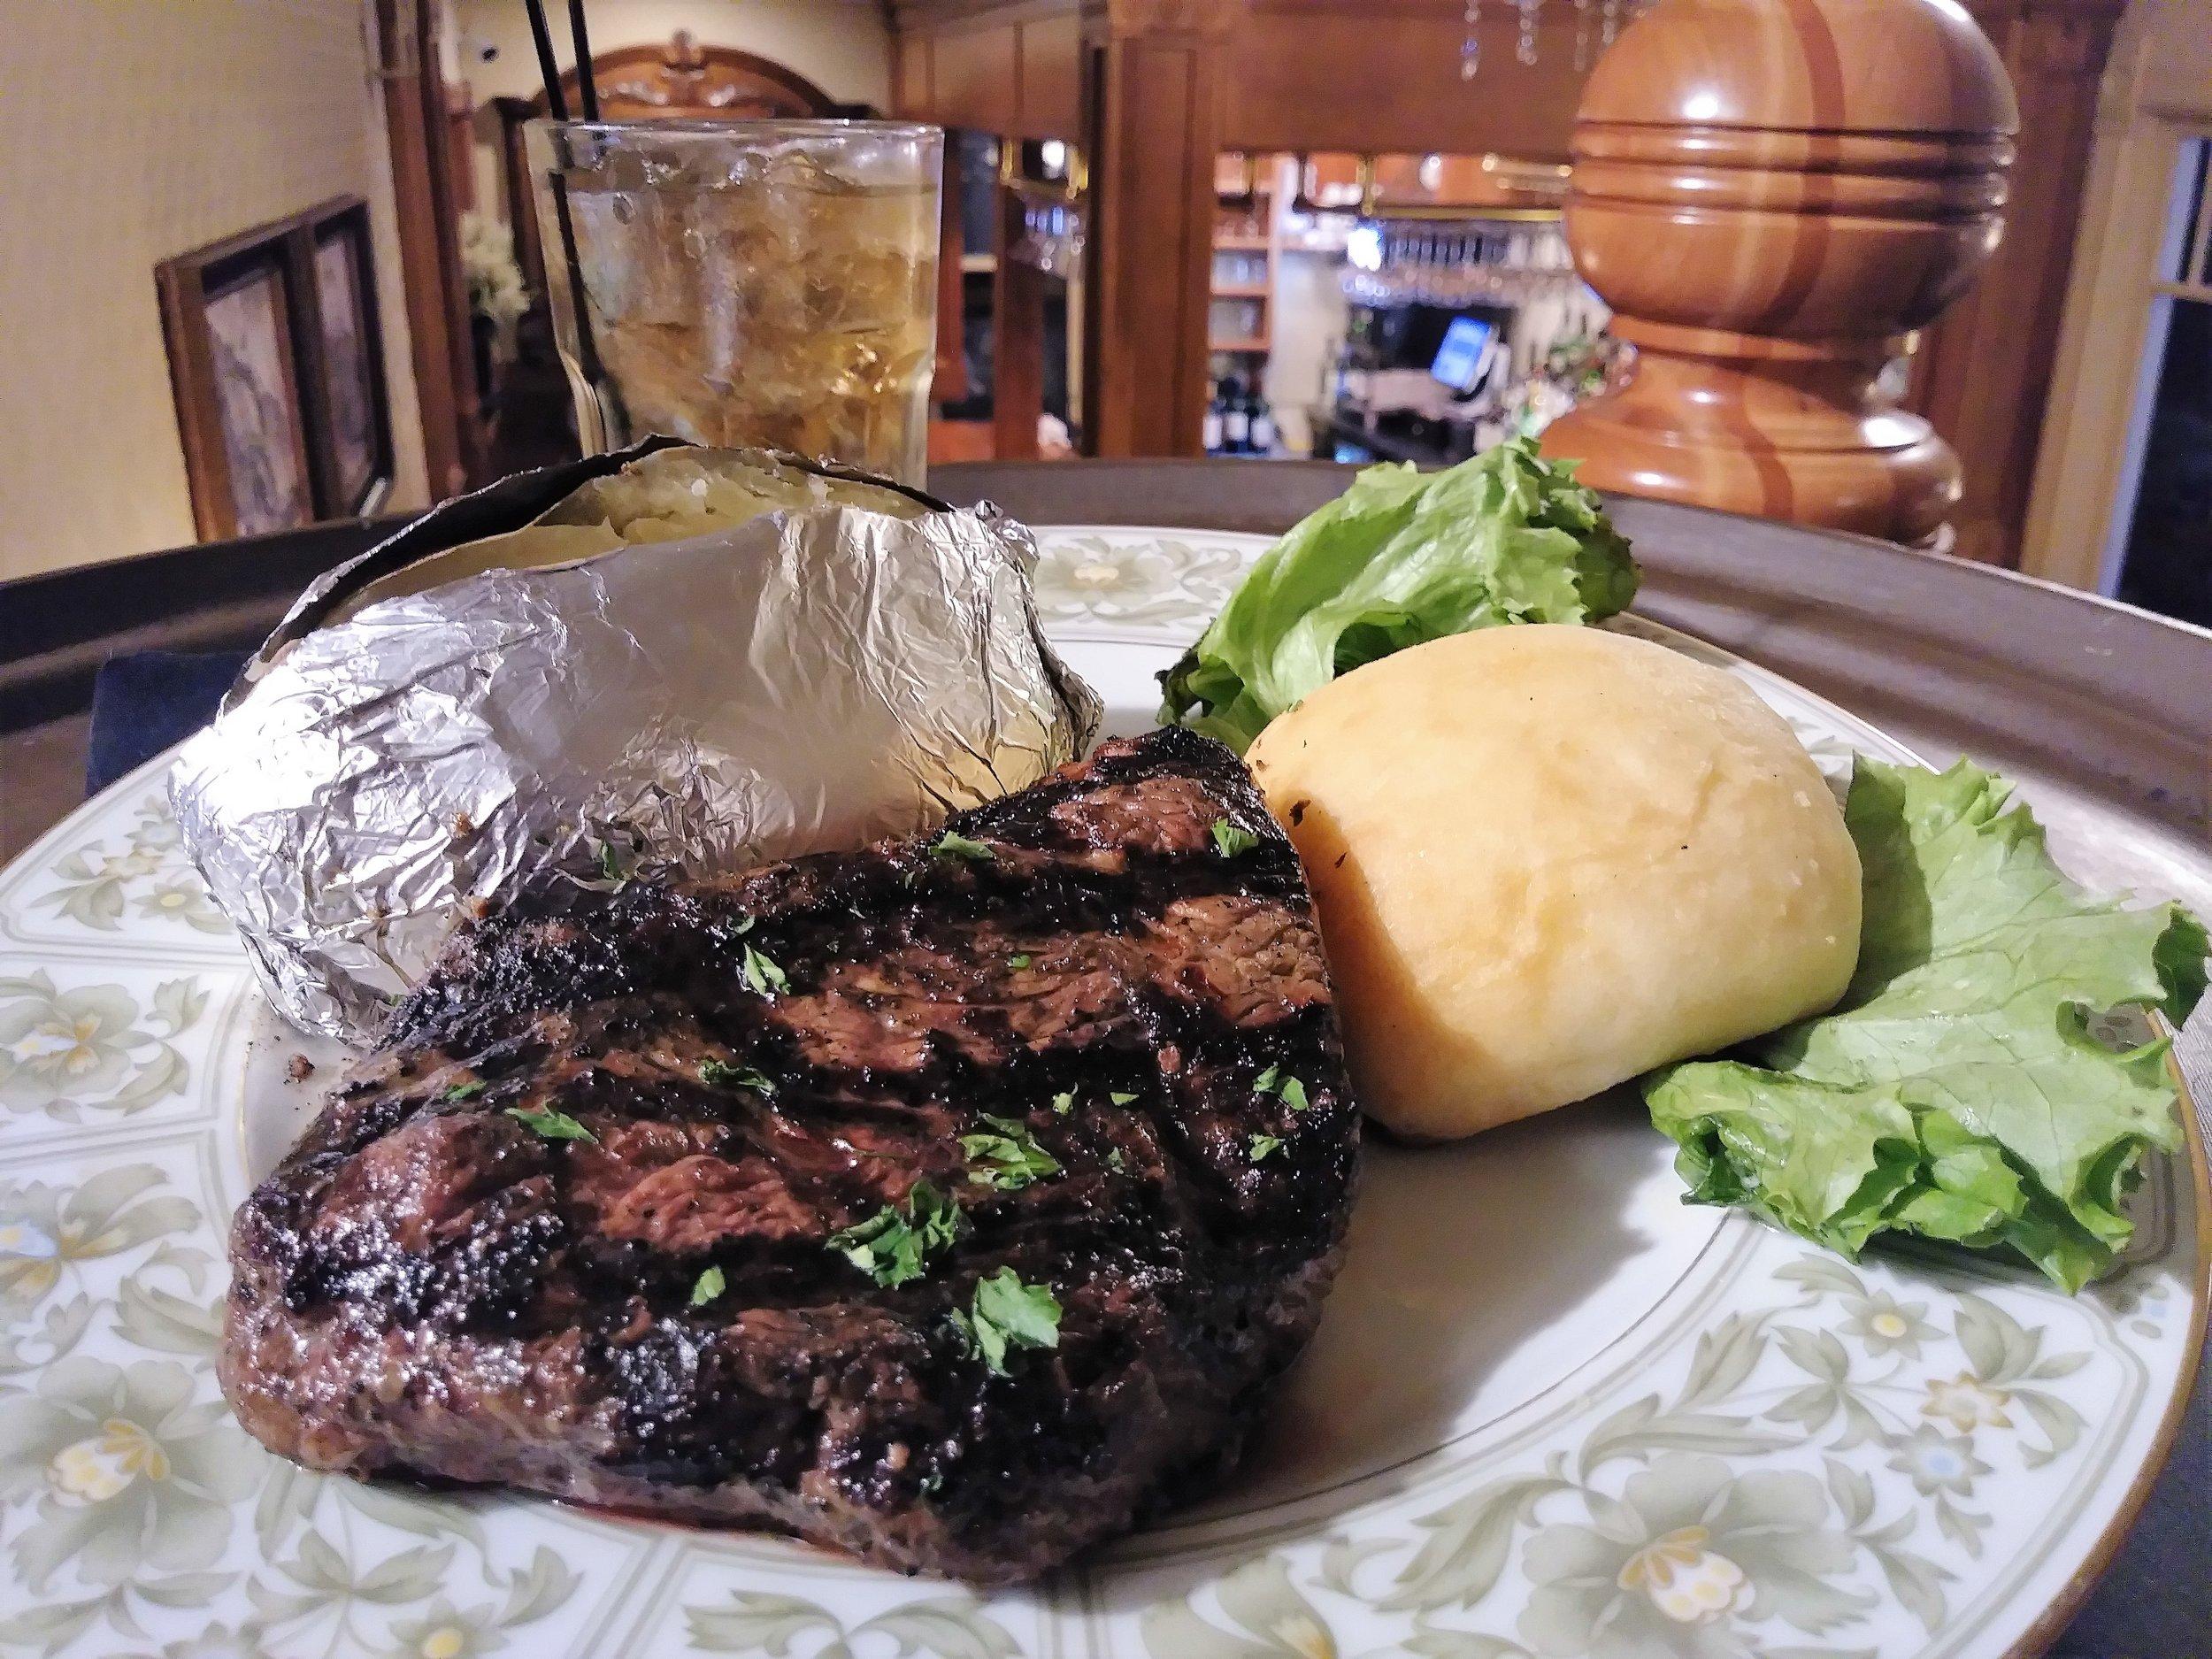 top sirloin - Choice 8 ounce top sirloin cooked to your desire $15.99